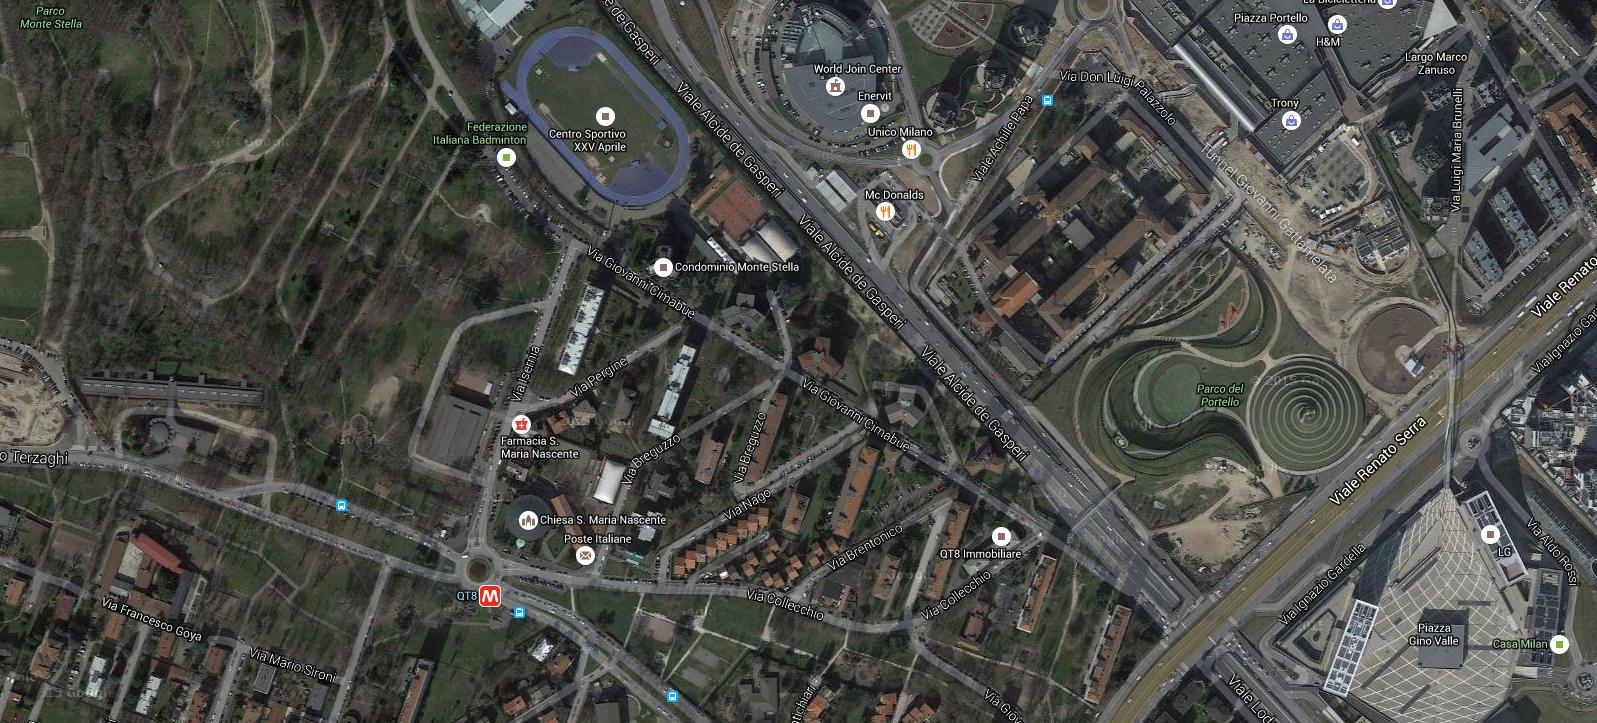 Il nuovo parco al Portello si trova tra viale Serra e viale Alcide De Gasperi.